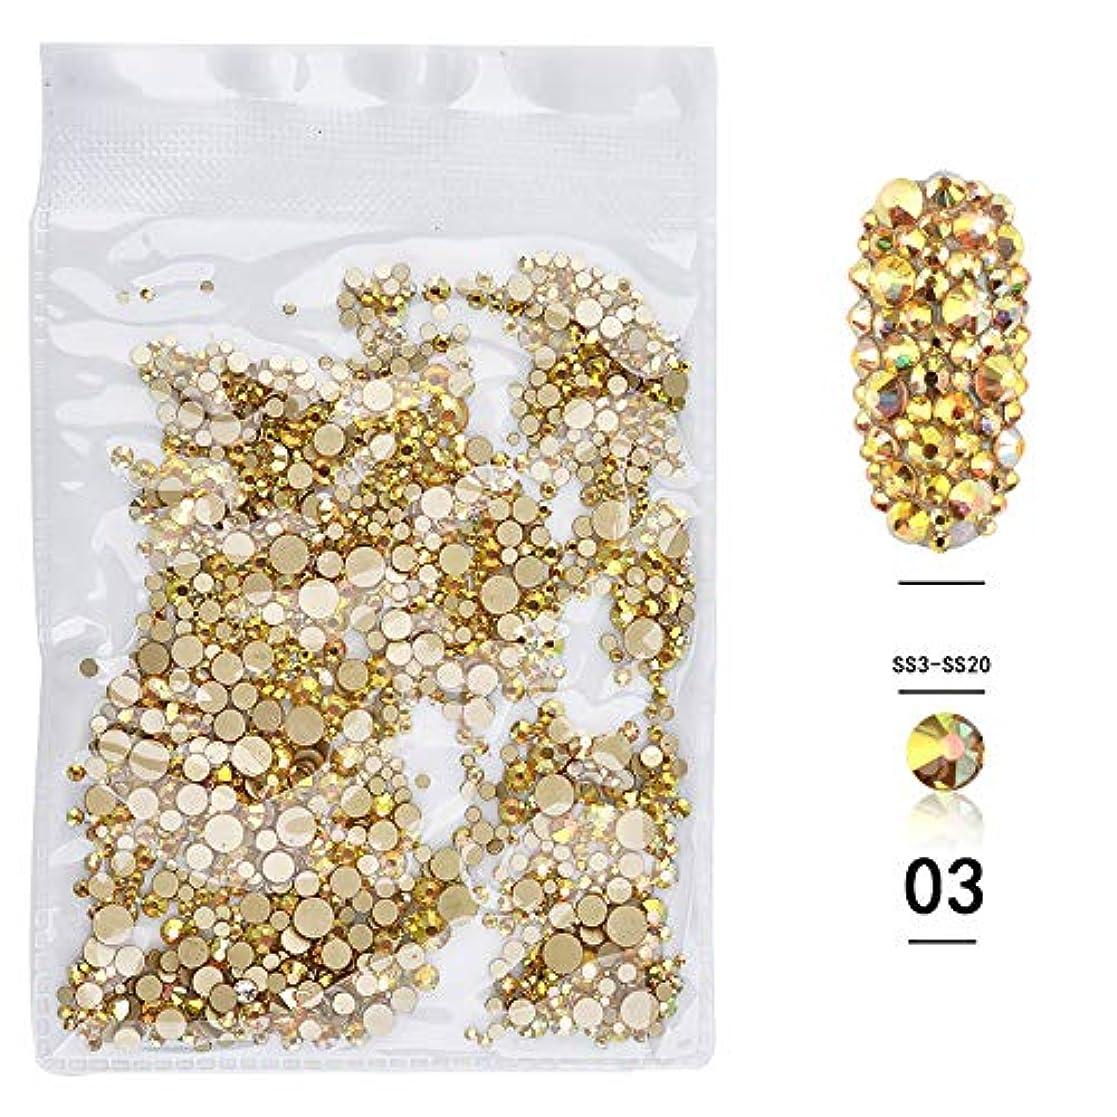 ワードローブレキシコン宮殿(1440pcsのパック)ネイルアートラインストーン3DデコレーションフラットボトムダイヤモンドシャイニーABクリスタル混合サイズDIYアクセサリー